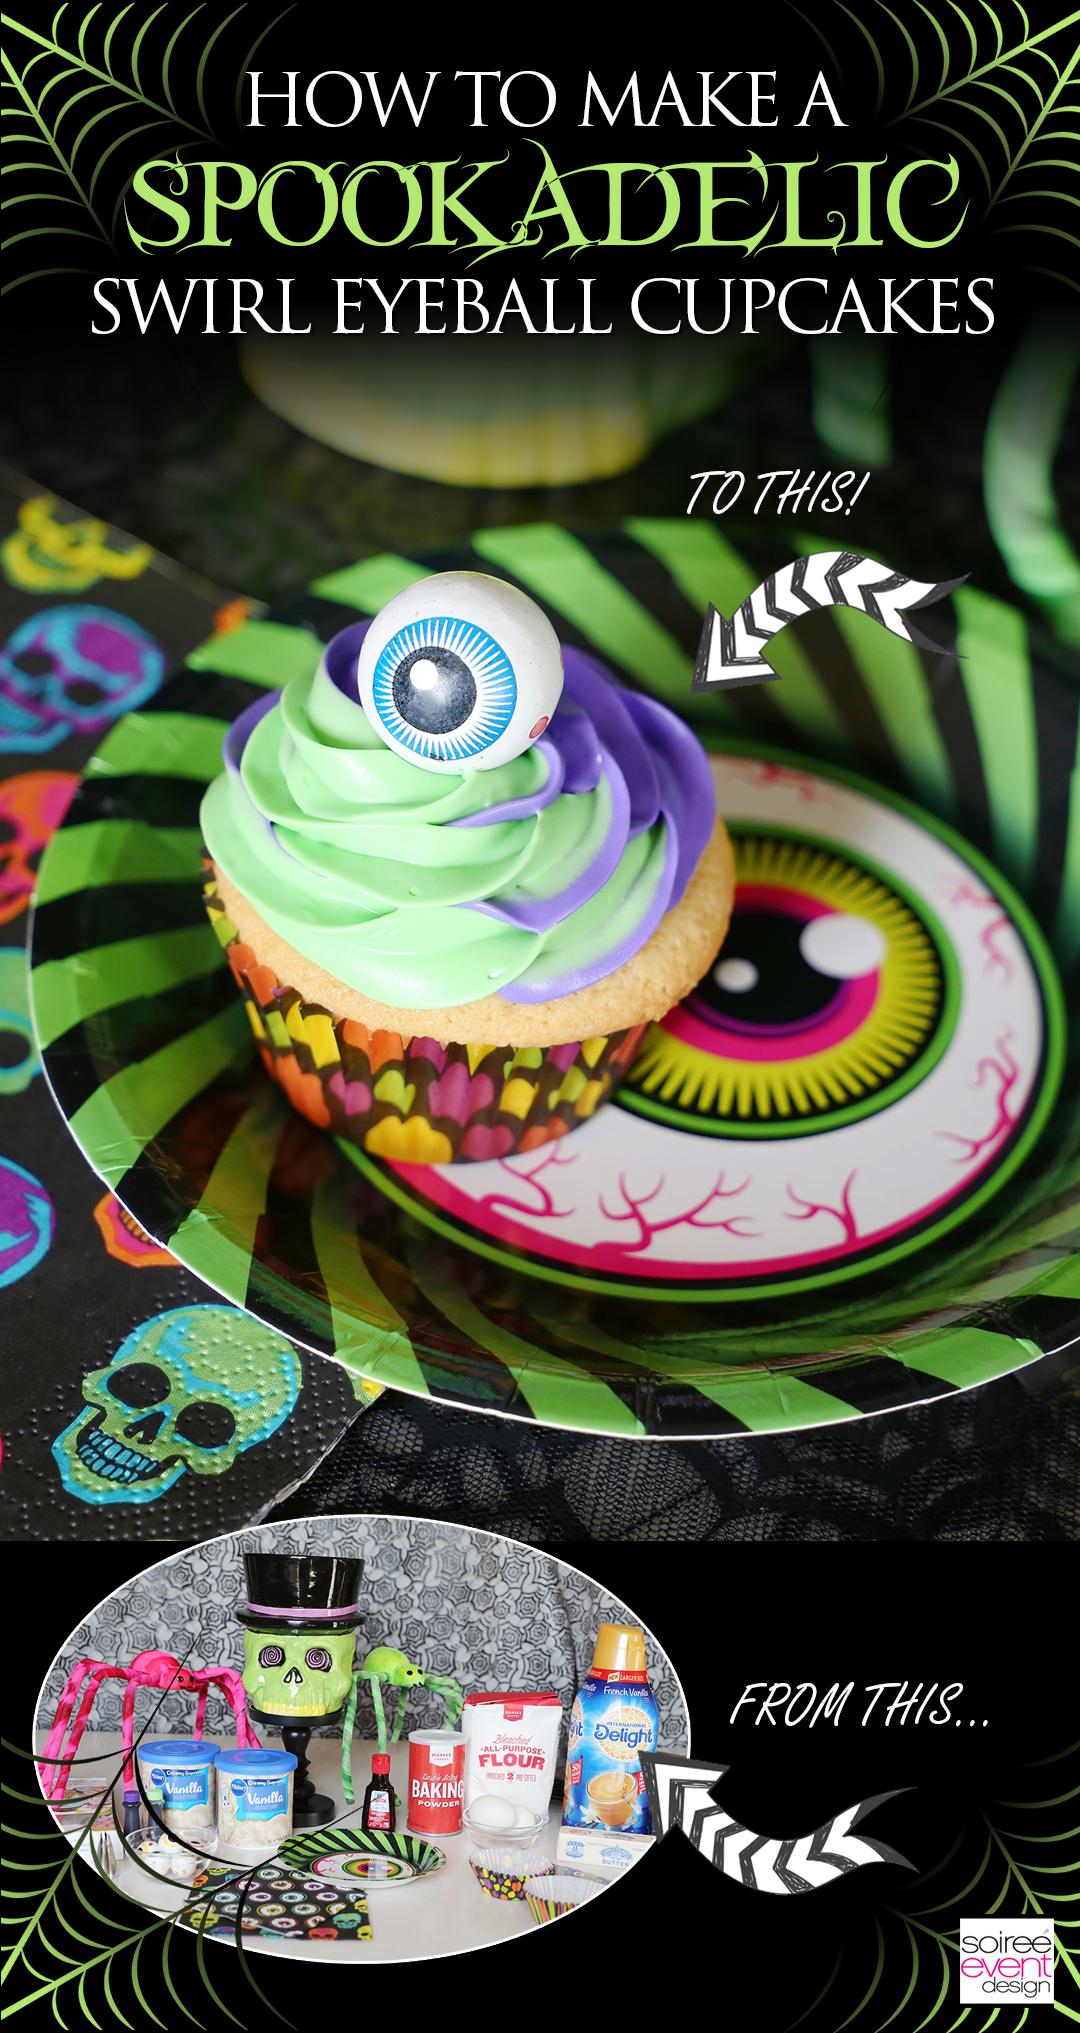 Spookadelic Halloween Party Swirl Eyeball Cupcakes